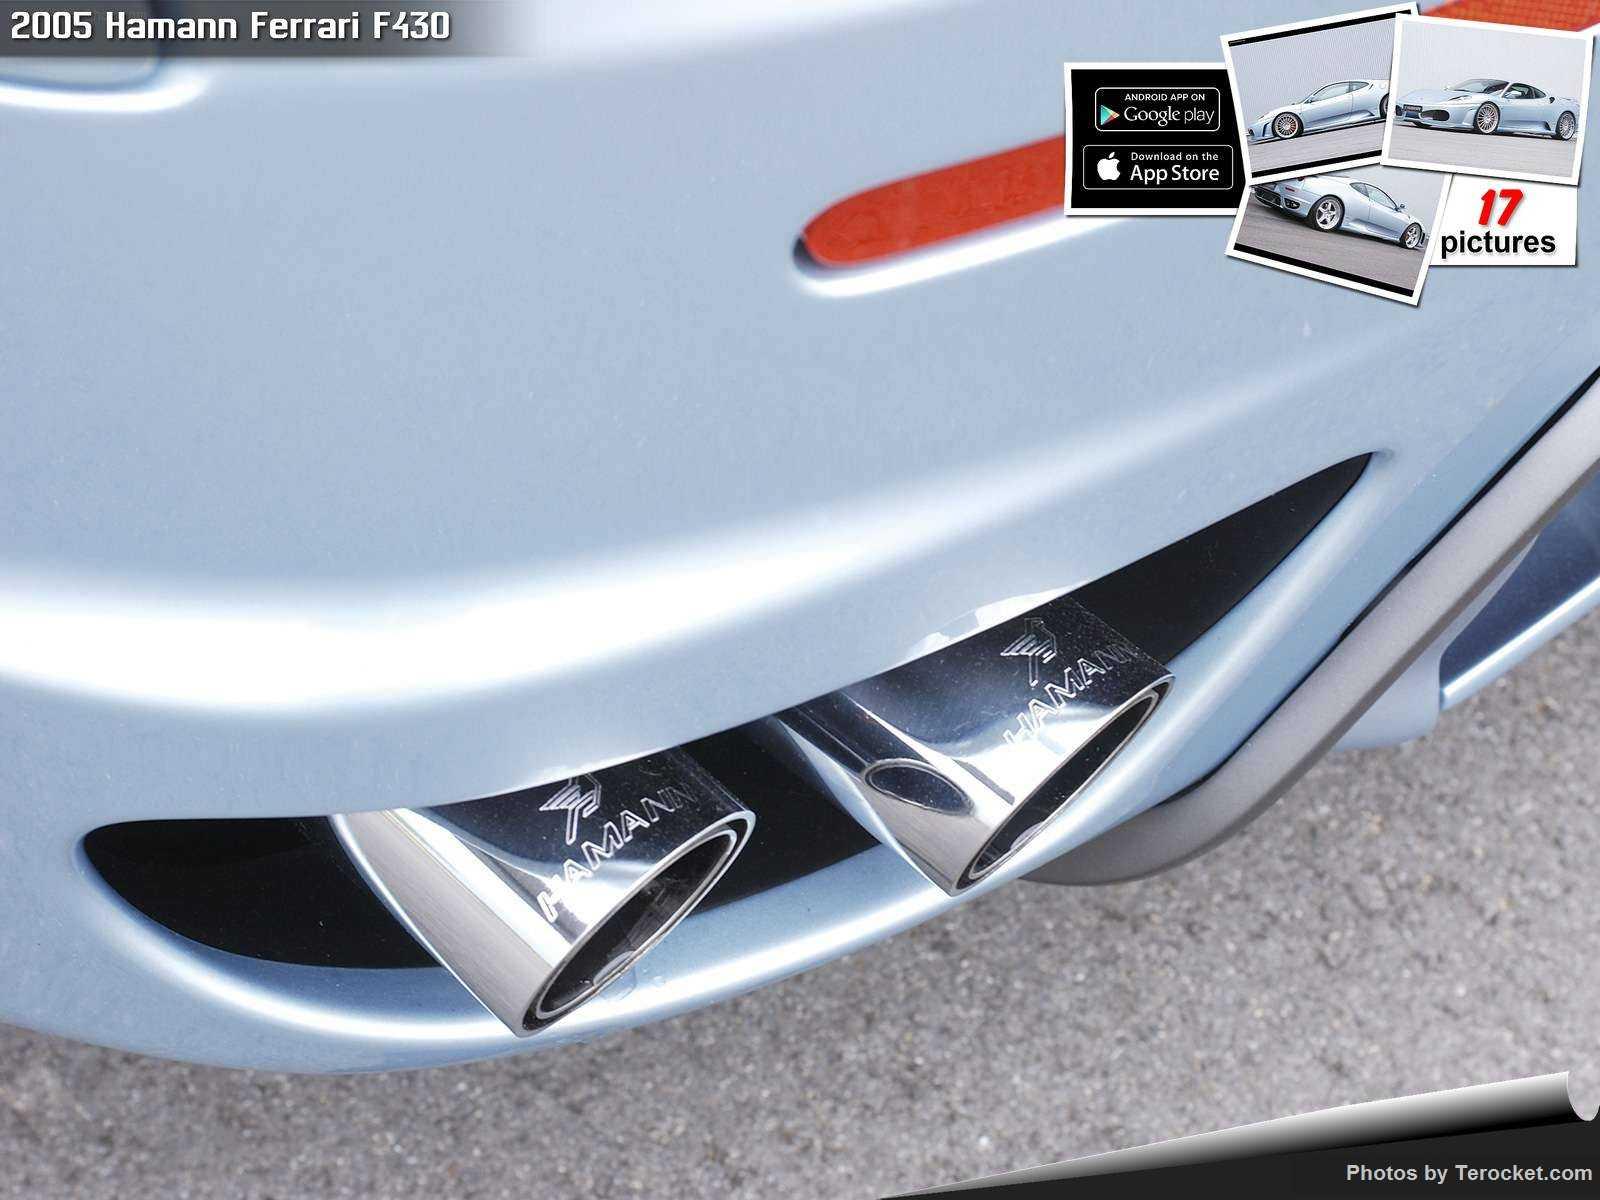 Hình ảnh xe ô tô Hamann Ferrari F430 2005 & nội ngoại thất